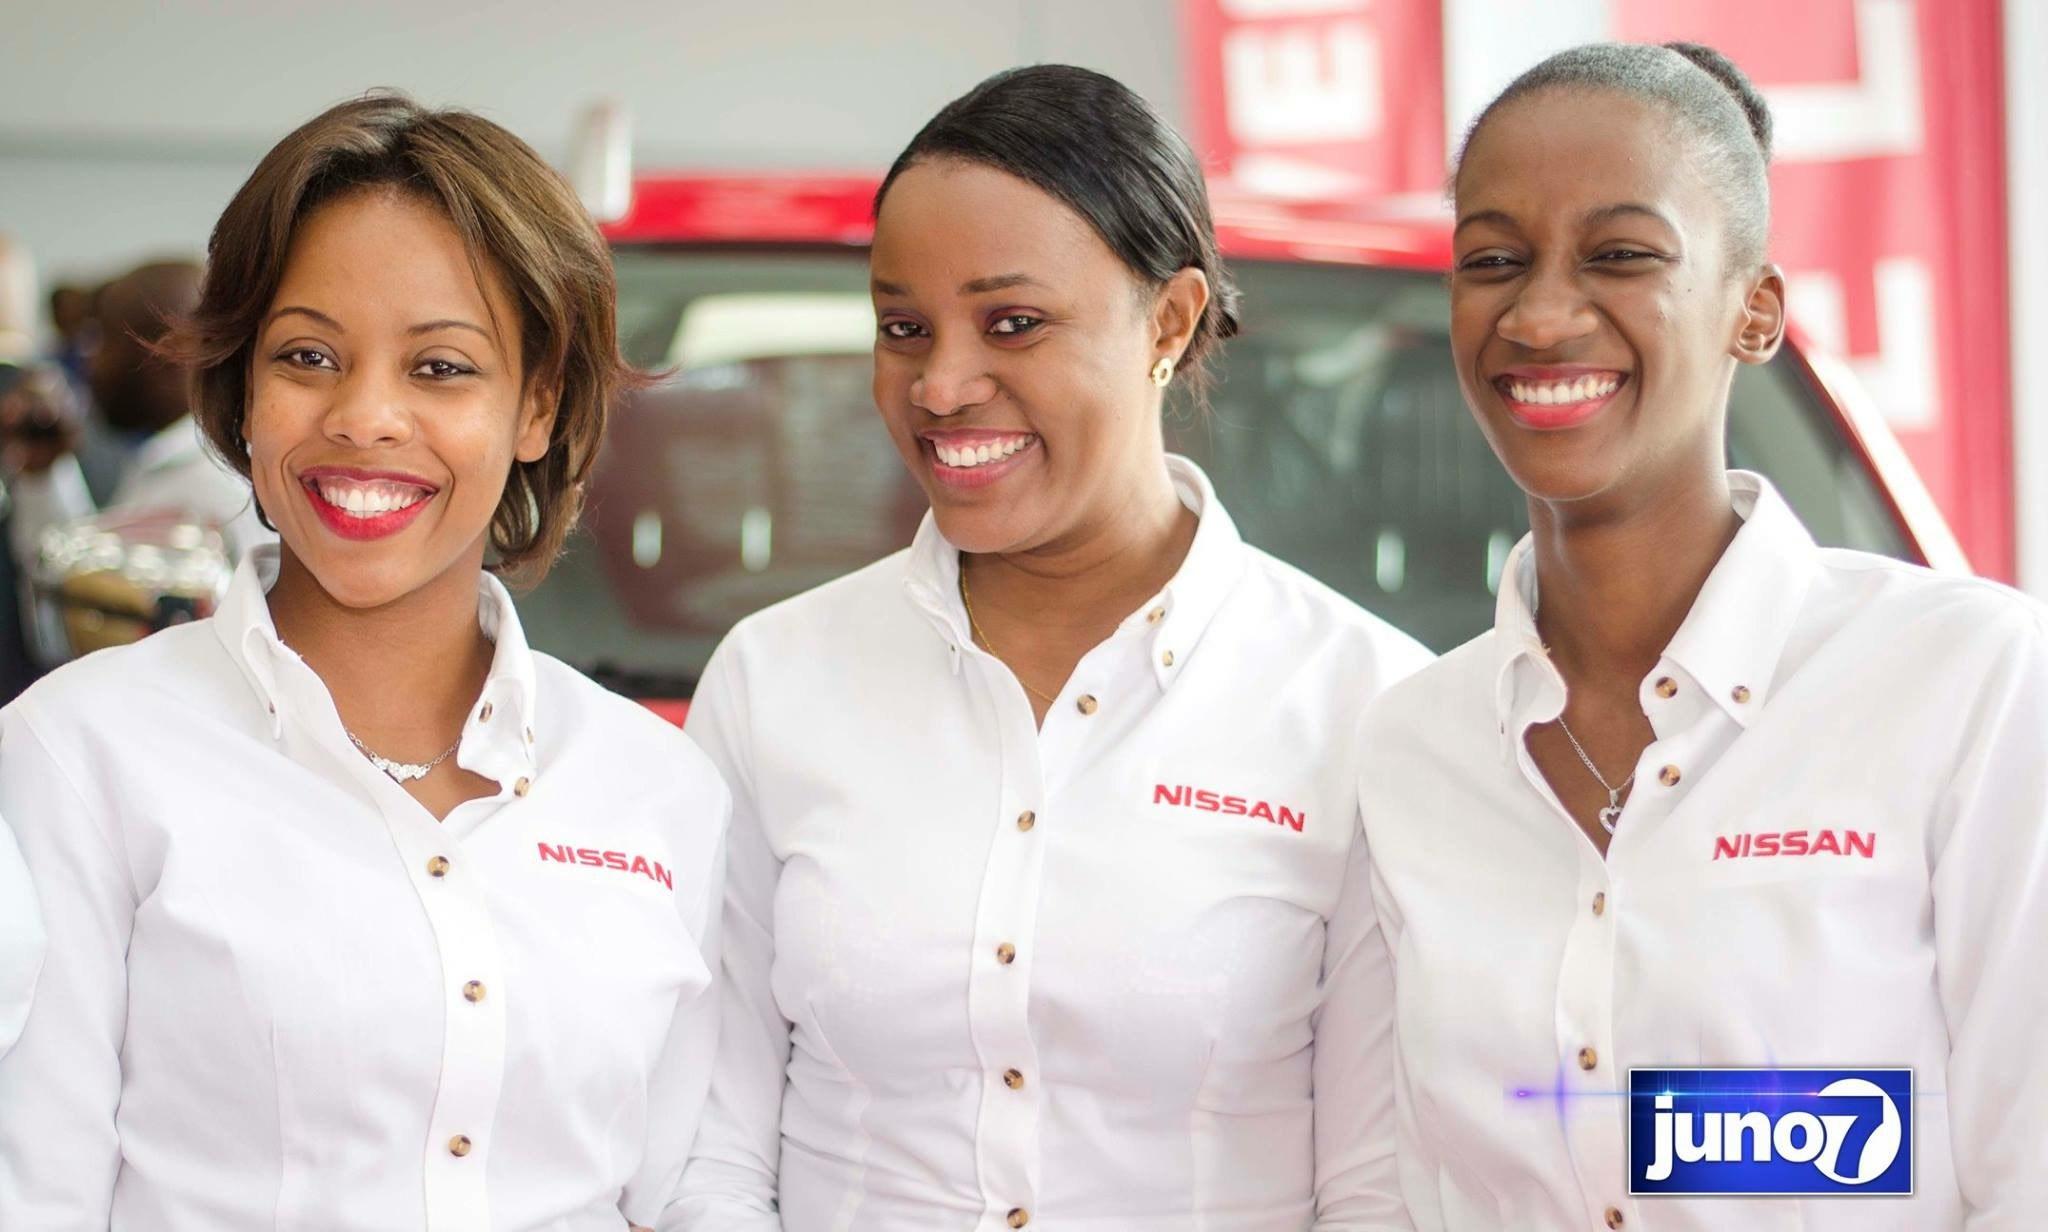 La Nissan Universal Motors inaugure le plus grand showroom de la caraïbe et de l'Amérique latine 53